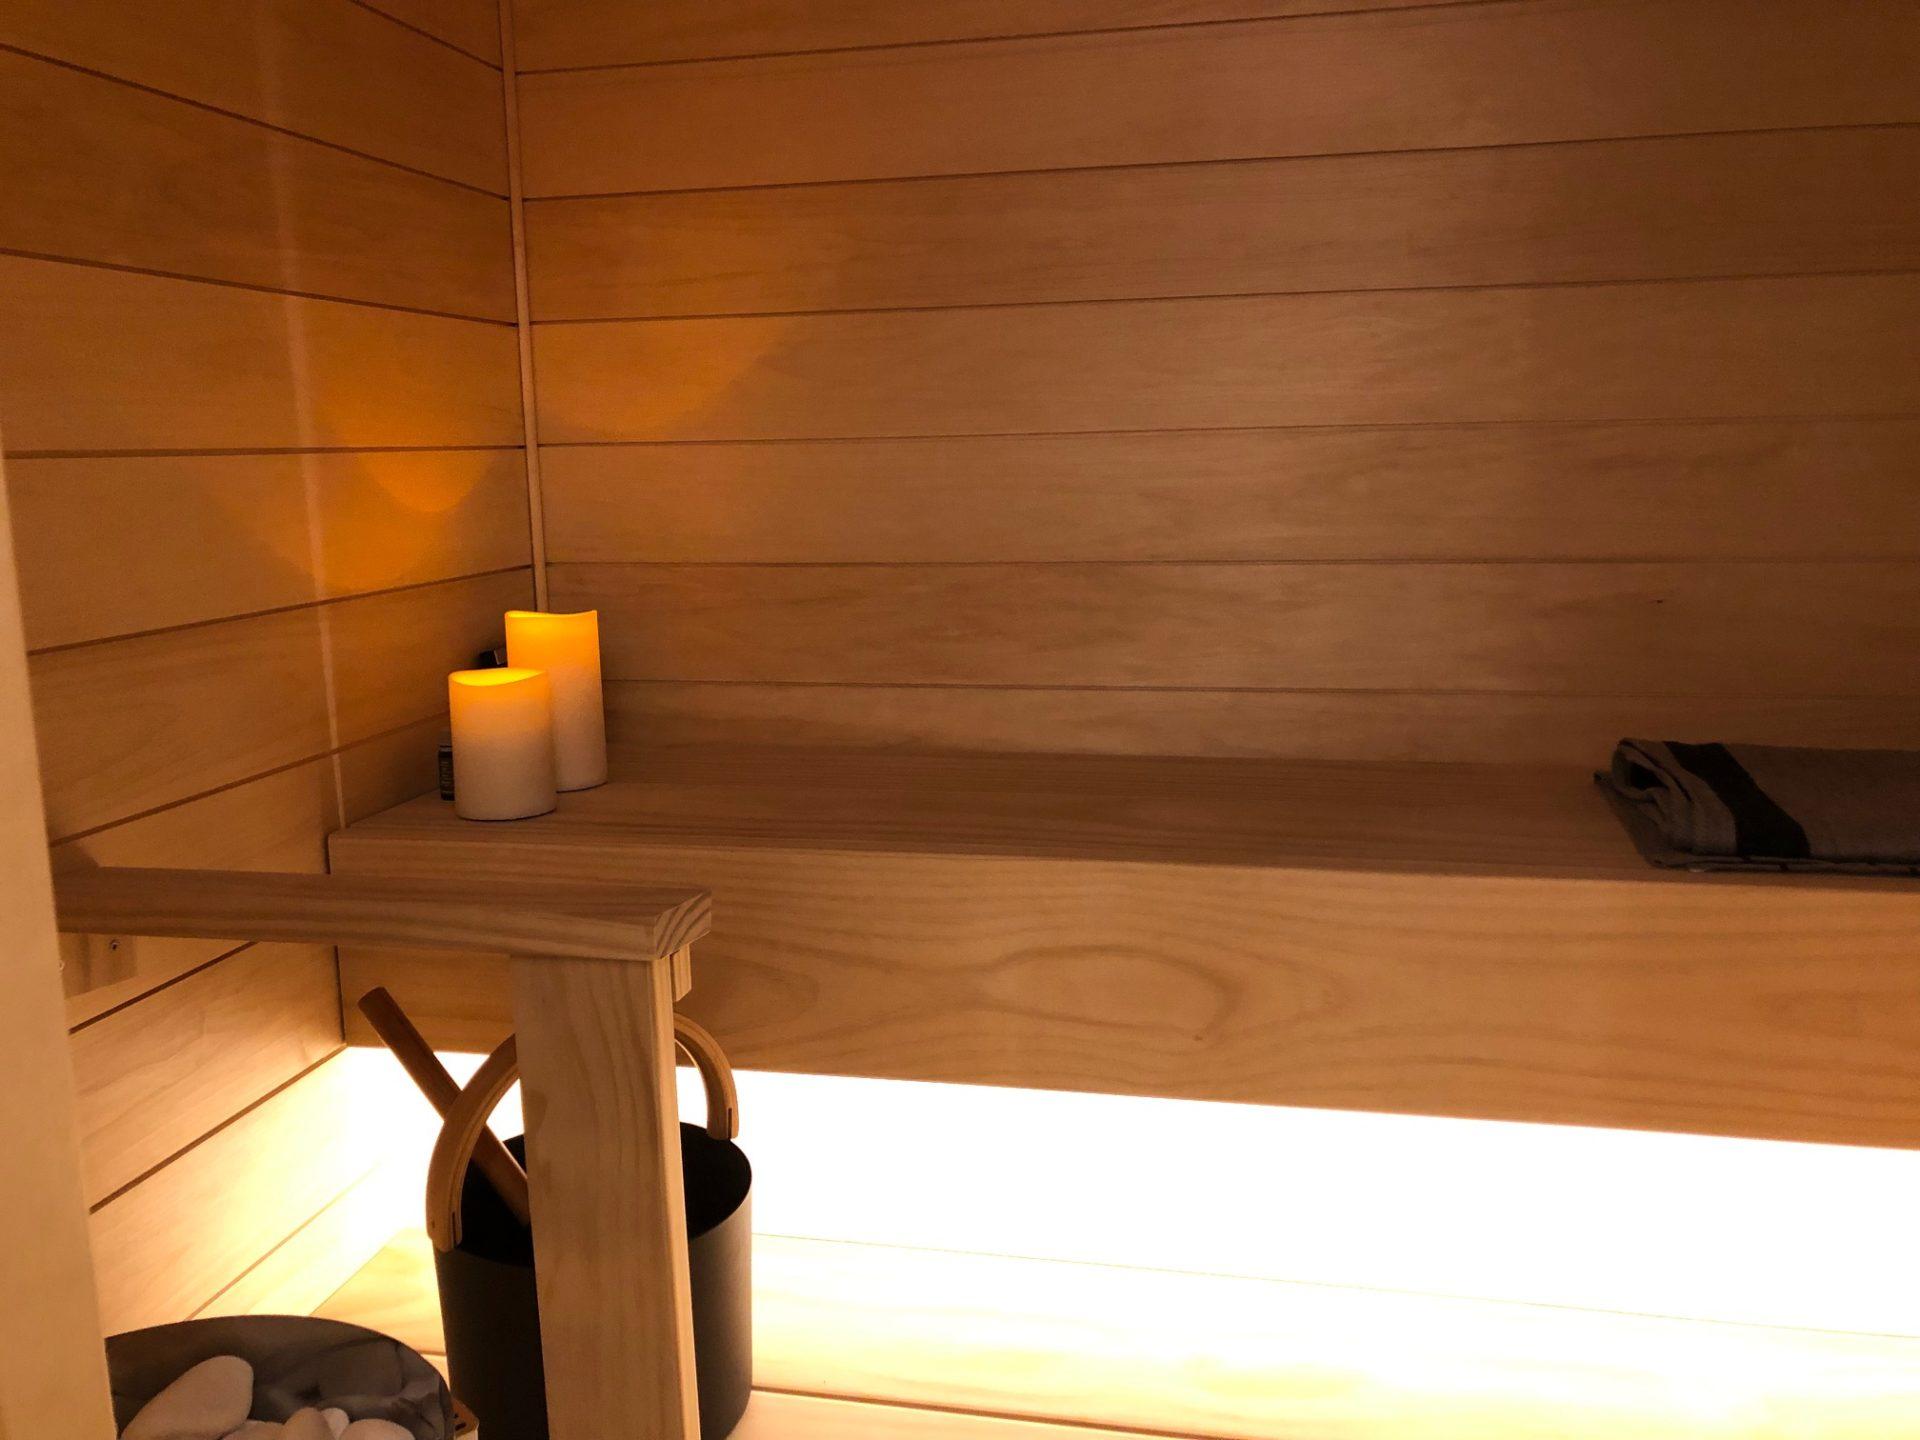 Kauniit Accoya lauteet yksityisessä saunassa